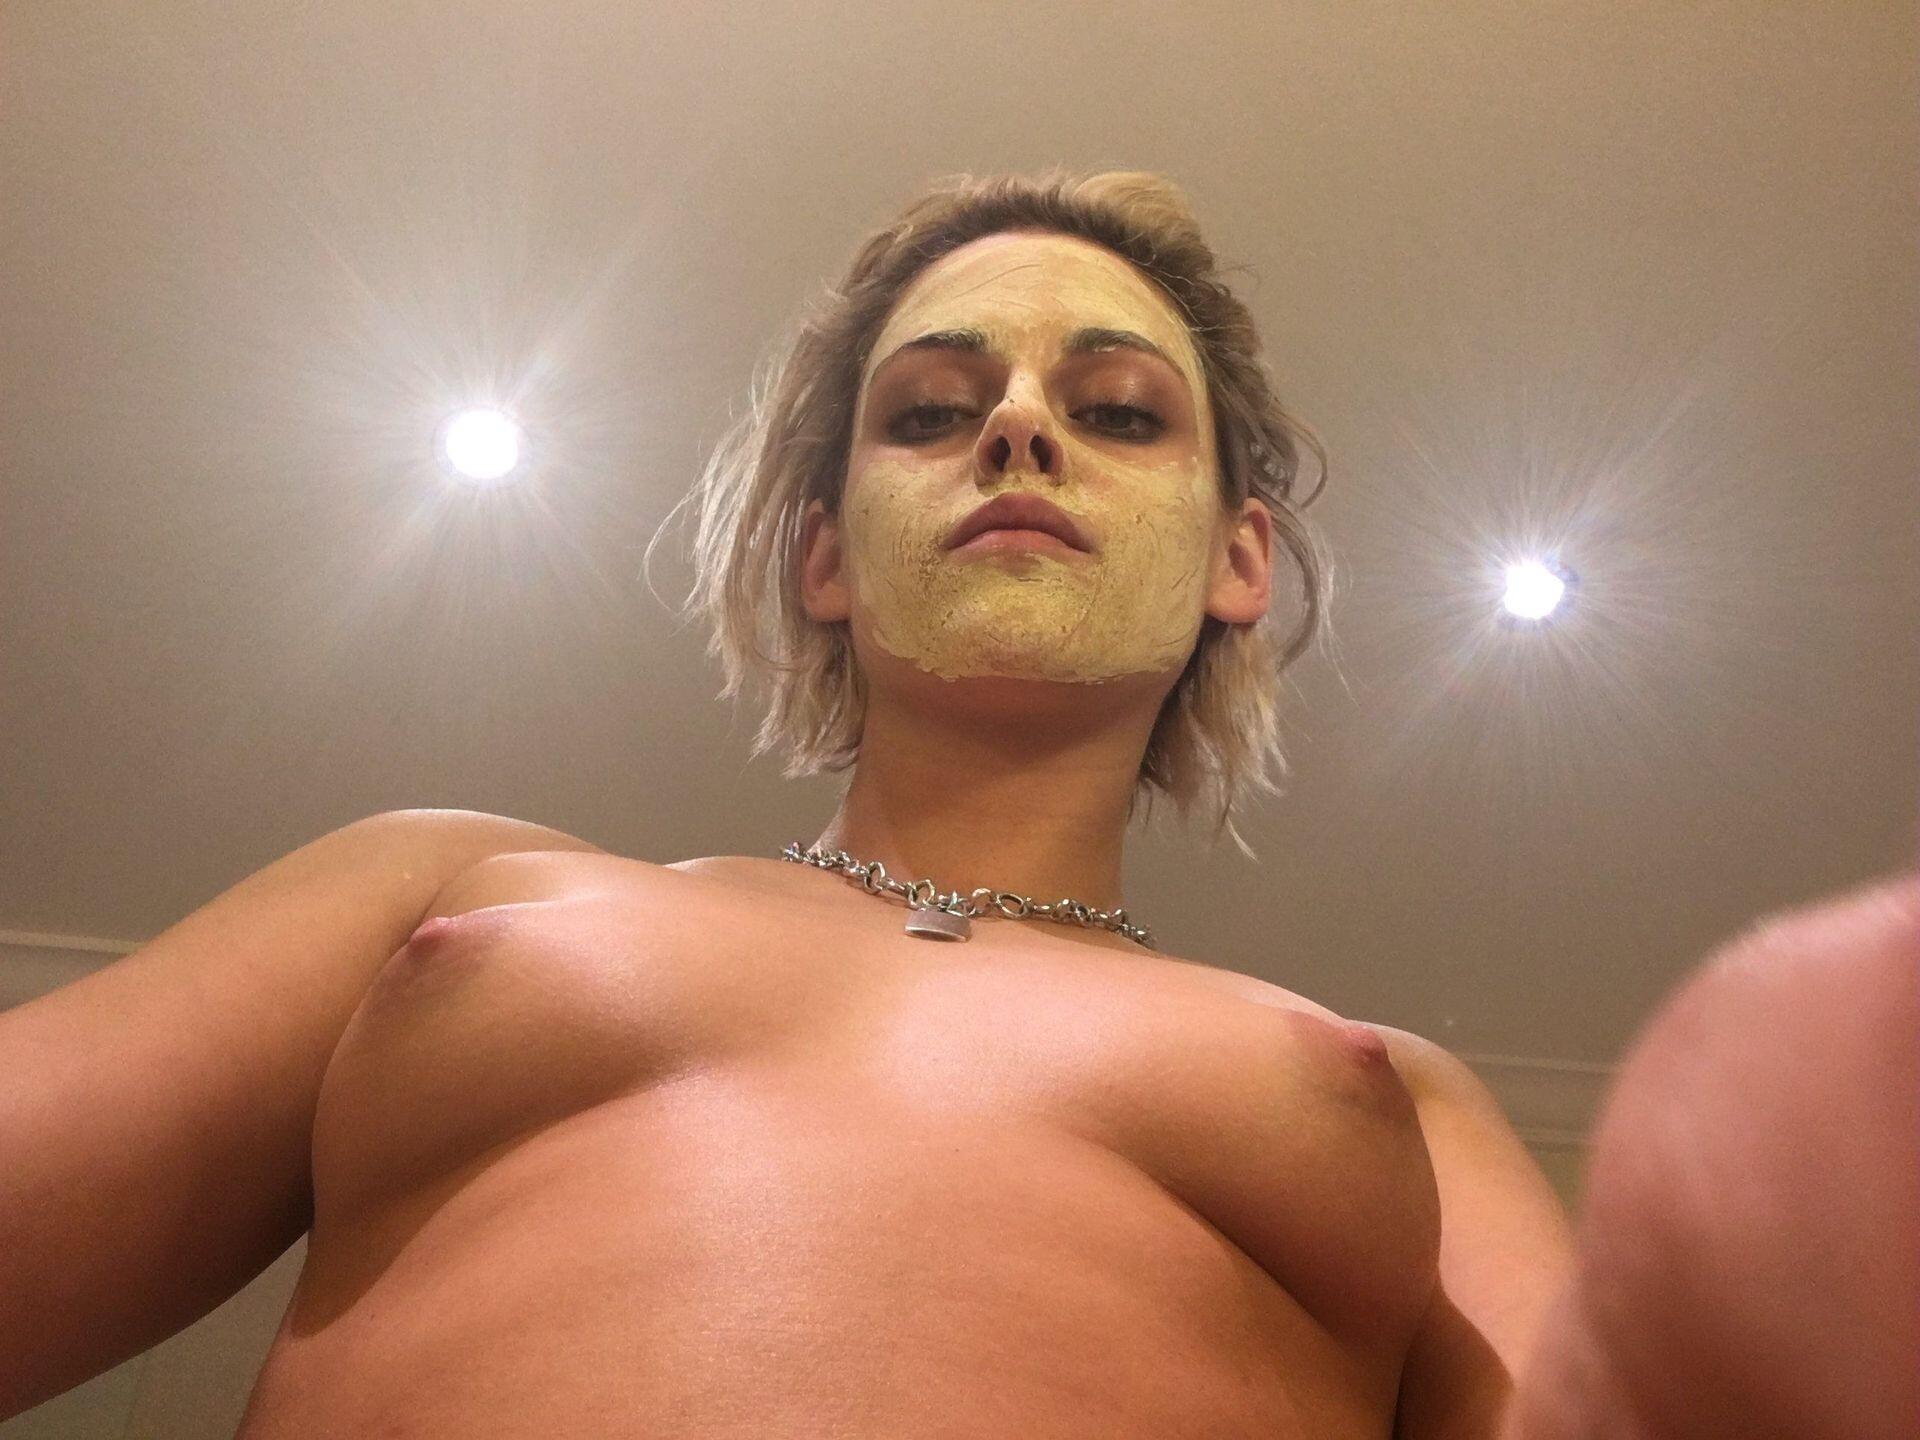 Kristen Stewart Nude Leaked 76 fappenings.com